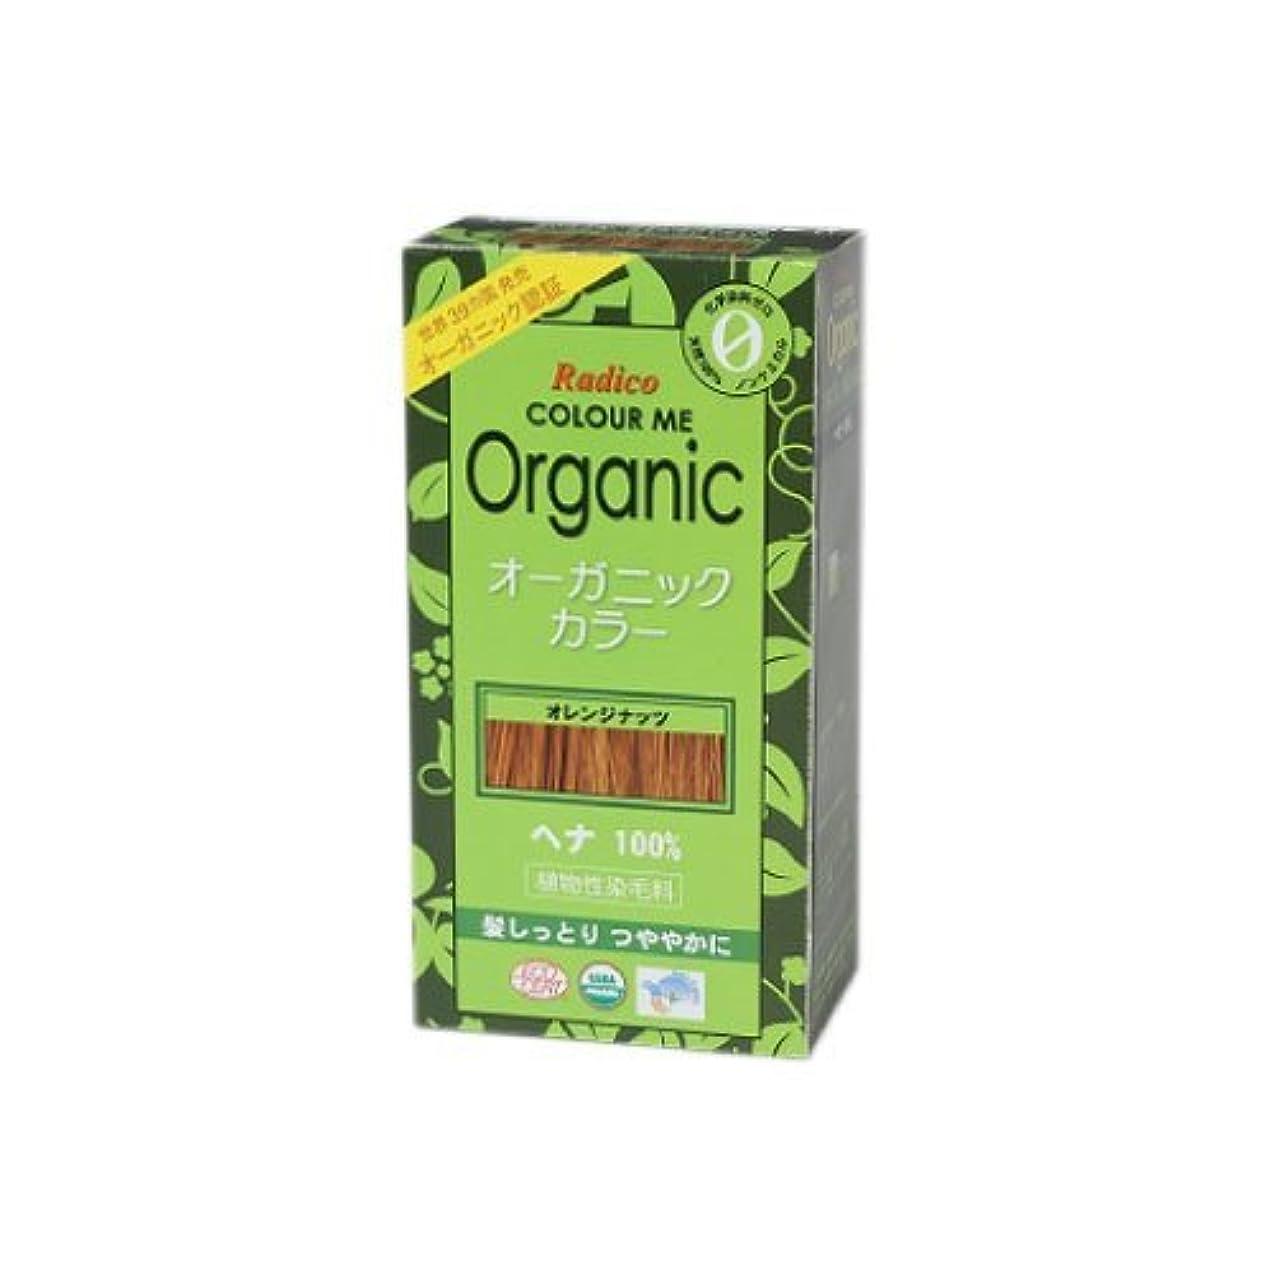 霧痛いキノコCOLOURME Organic (カラーミーオーガニック ヘナ 白髪用) オレンジナッツ 100g